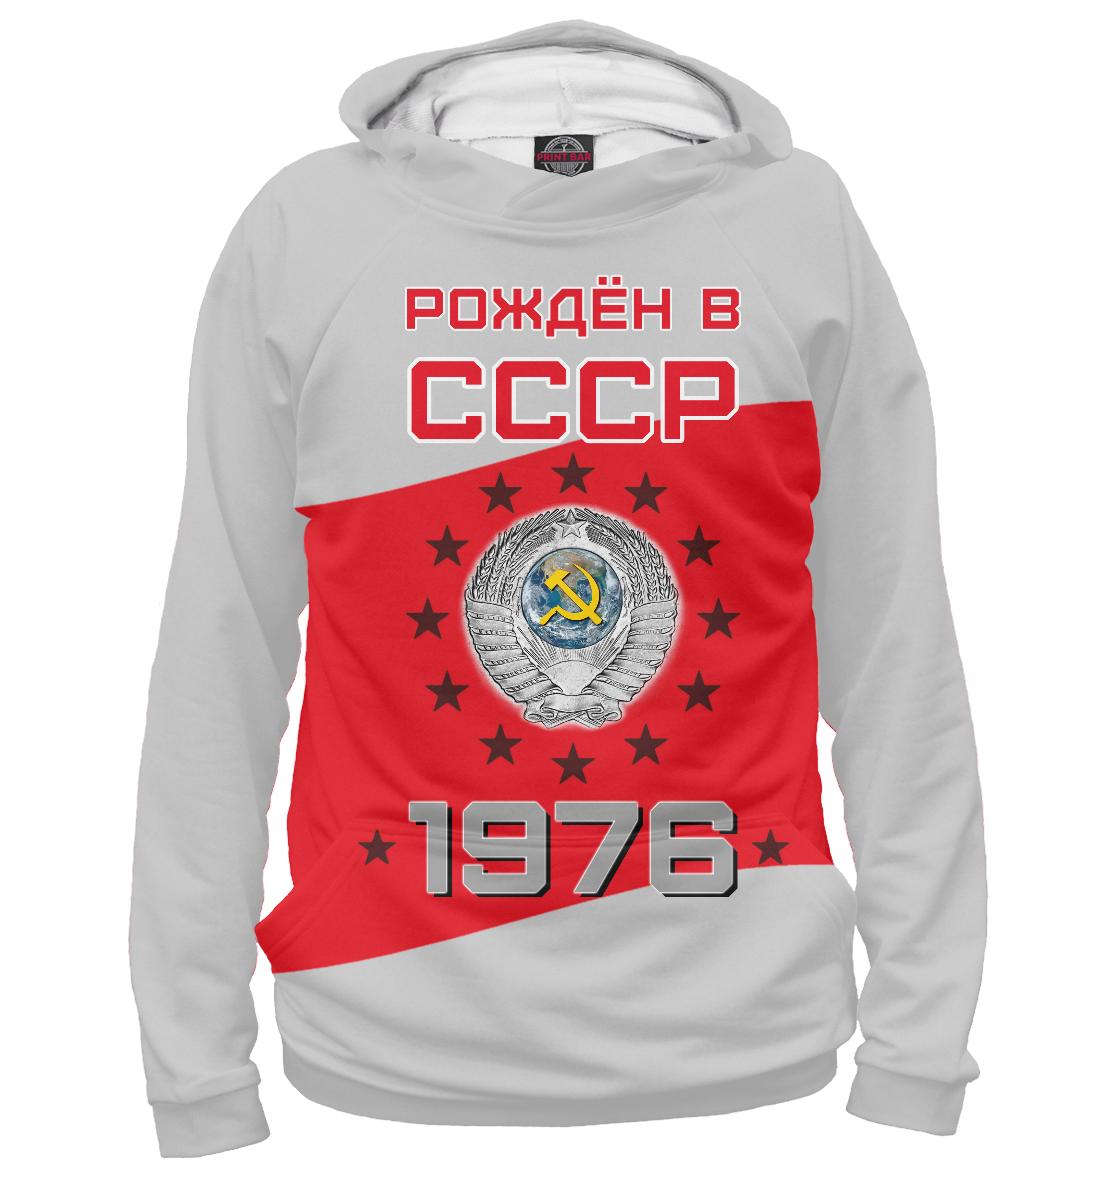 Купить Рождён в СССР - 1976, Printbar, Худи, DSS-553123-hud-1